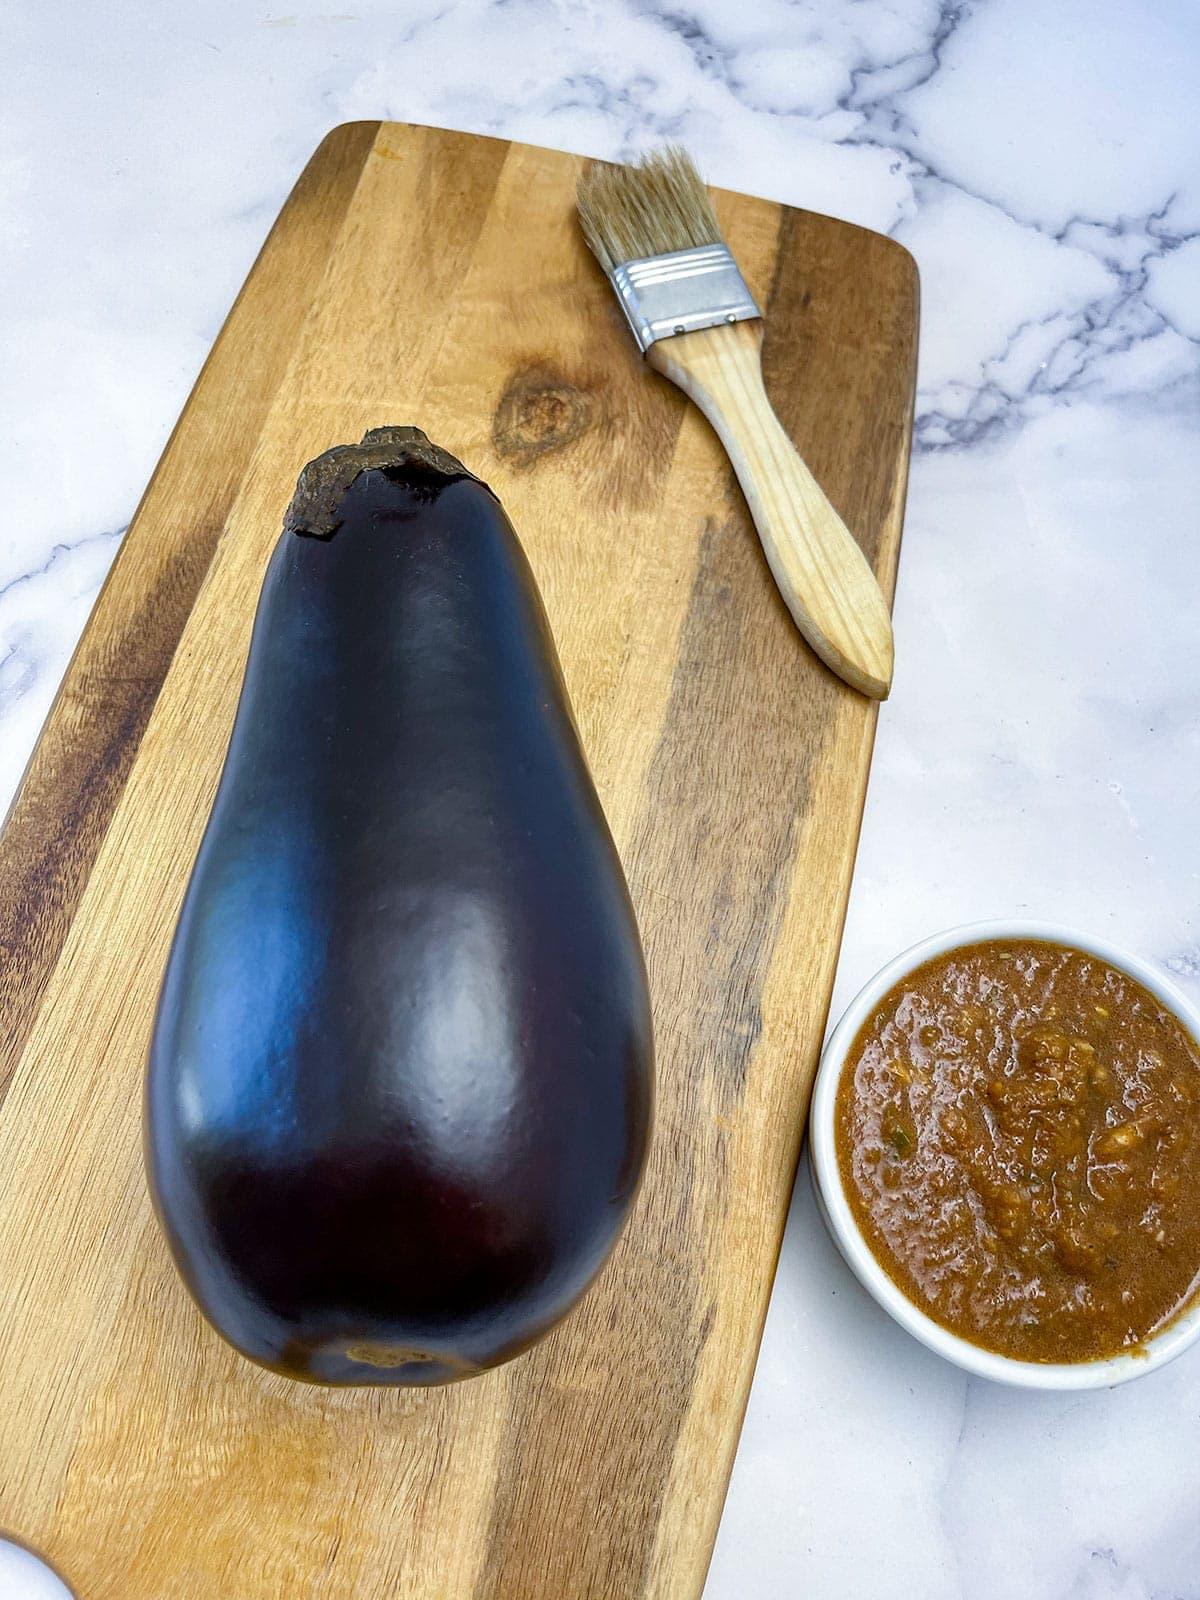 broiled eggplant ingredients